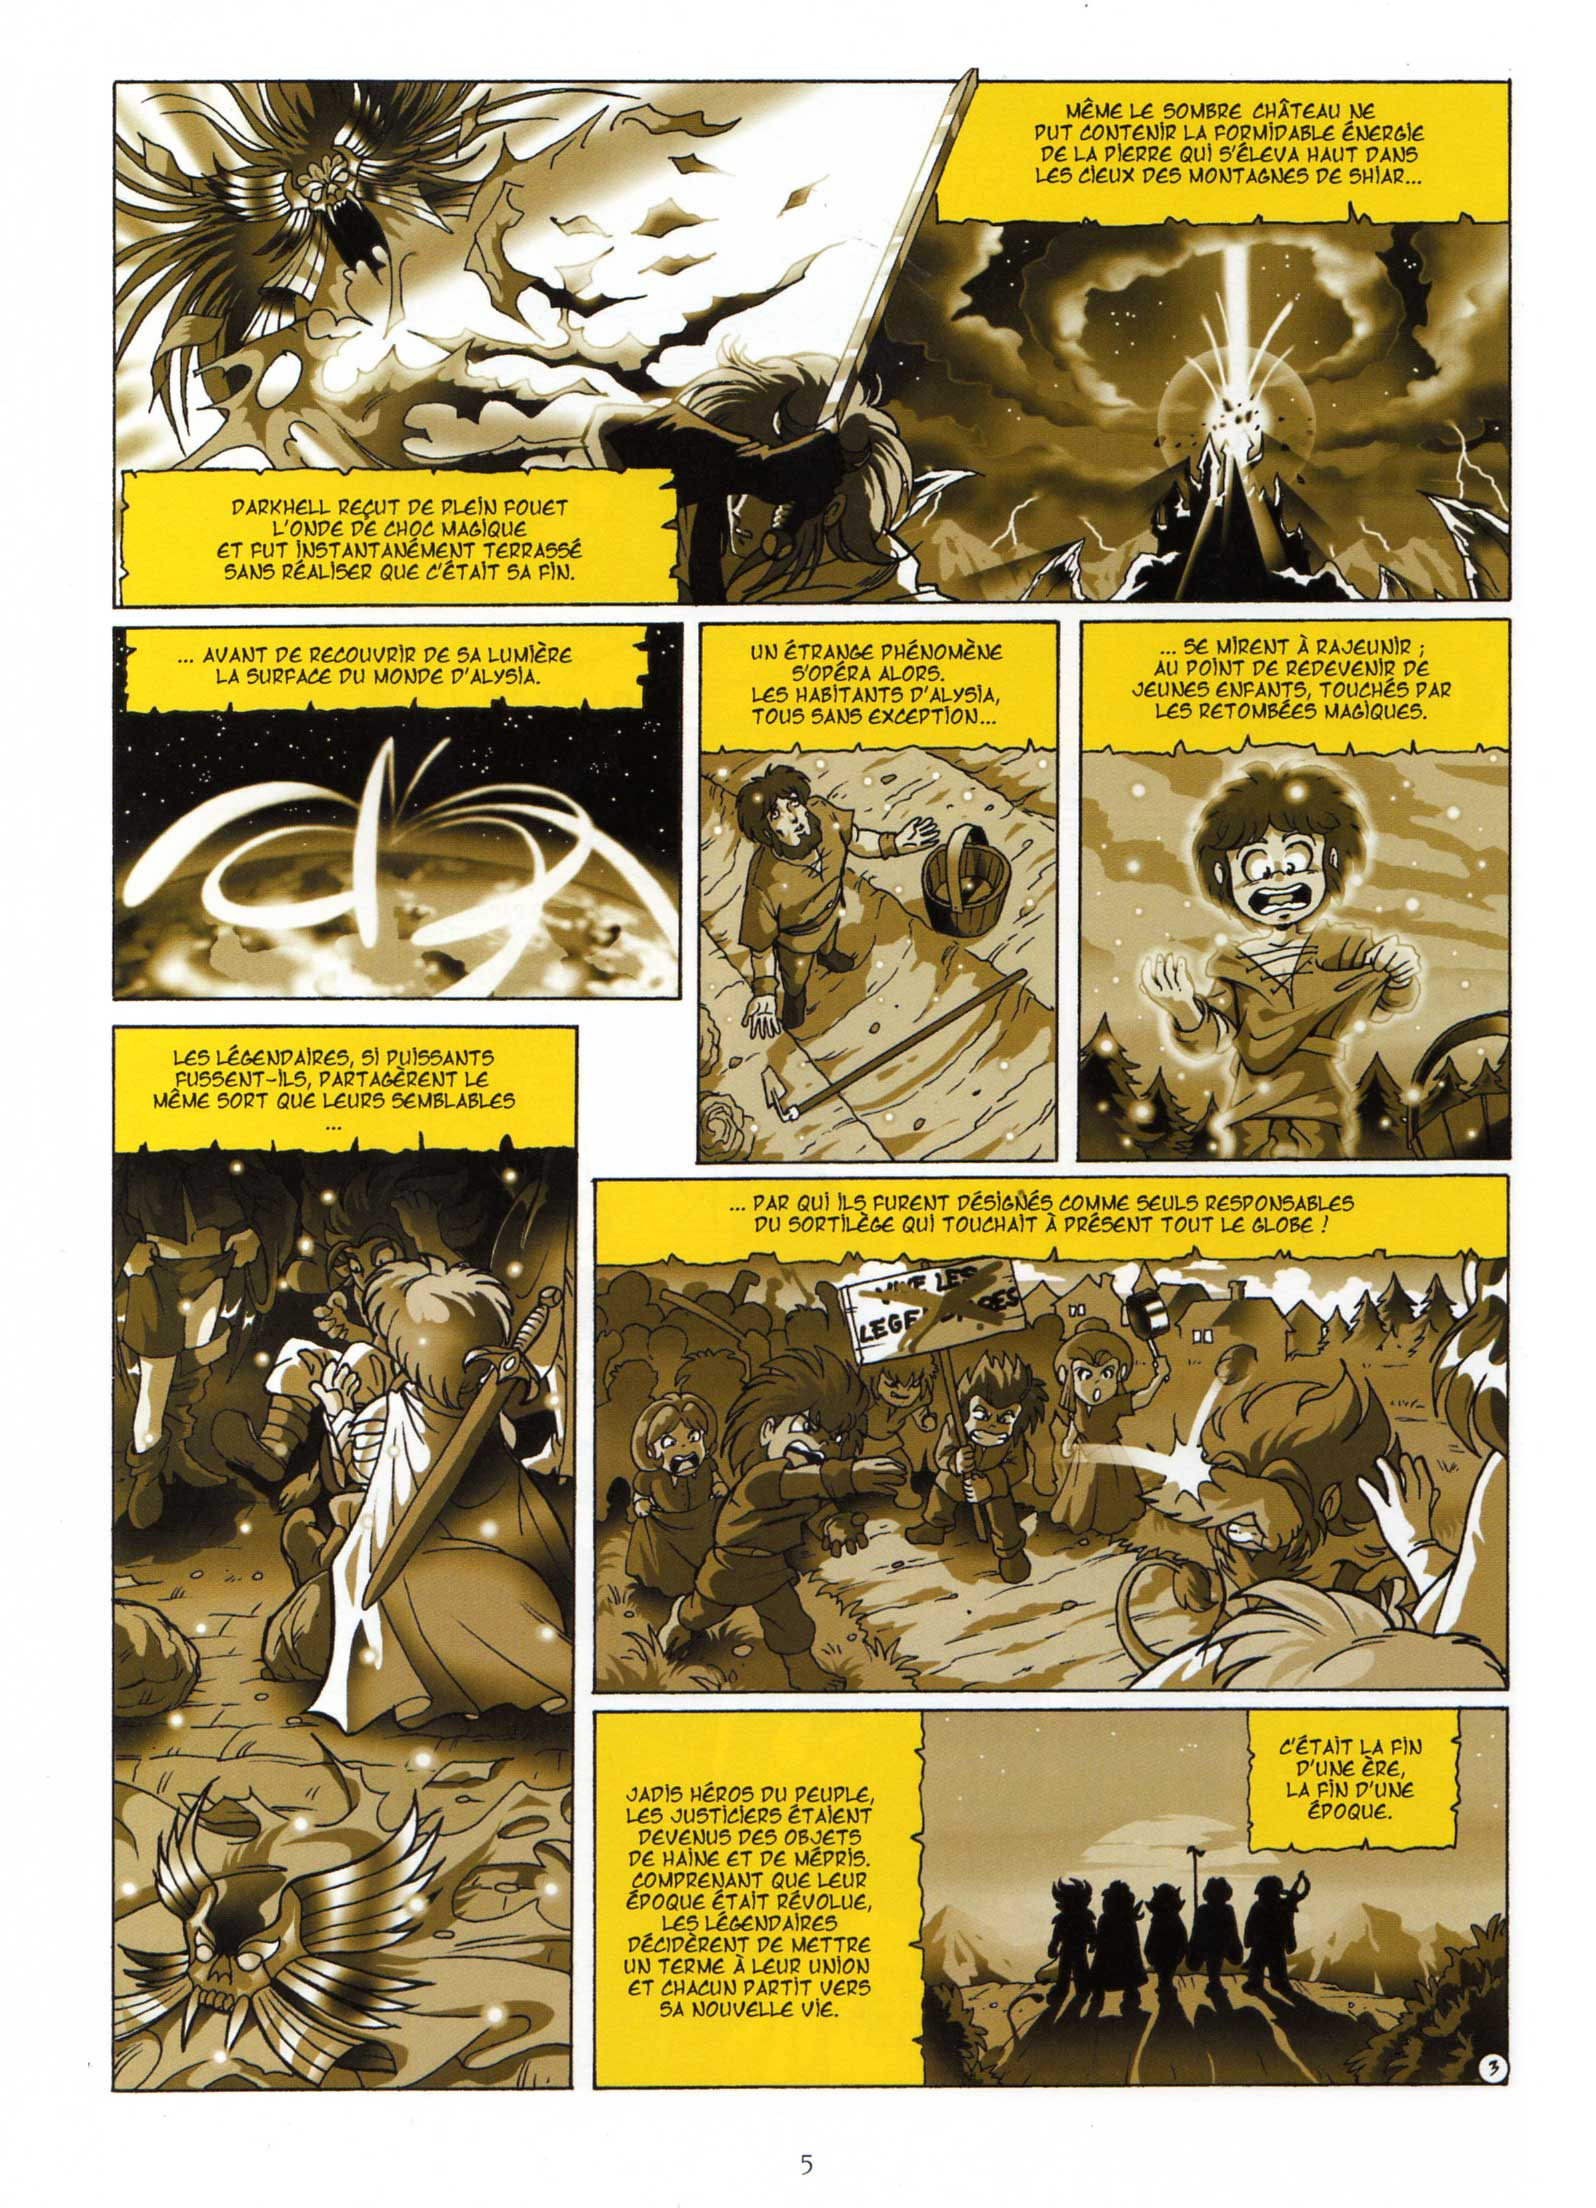 Les Légendaires Tome 1 : La Pierre de Jovénia : Page 3